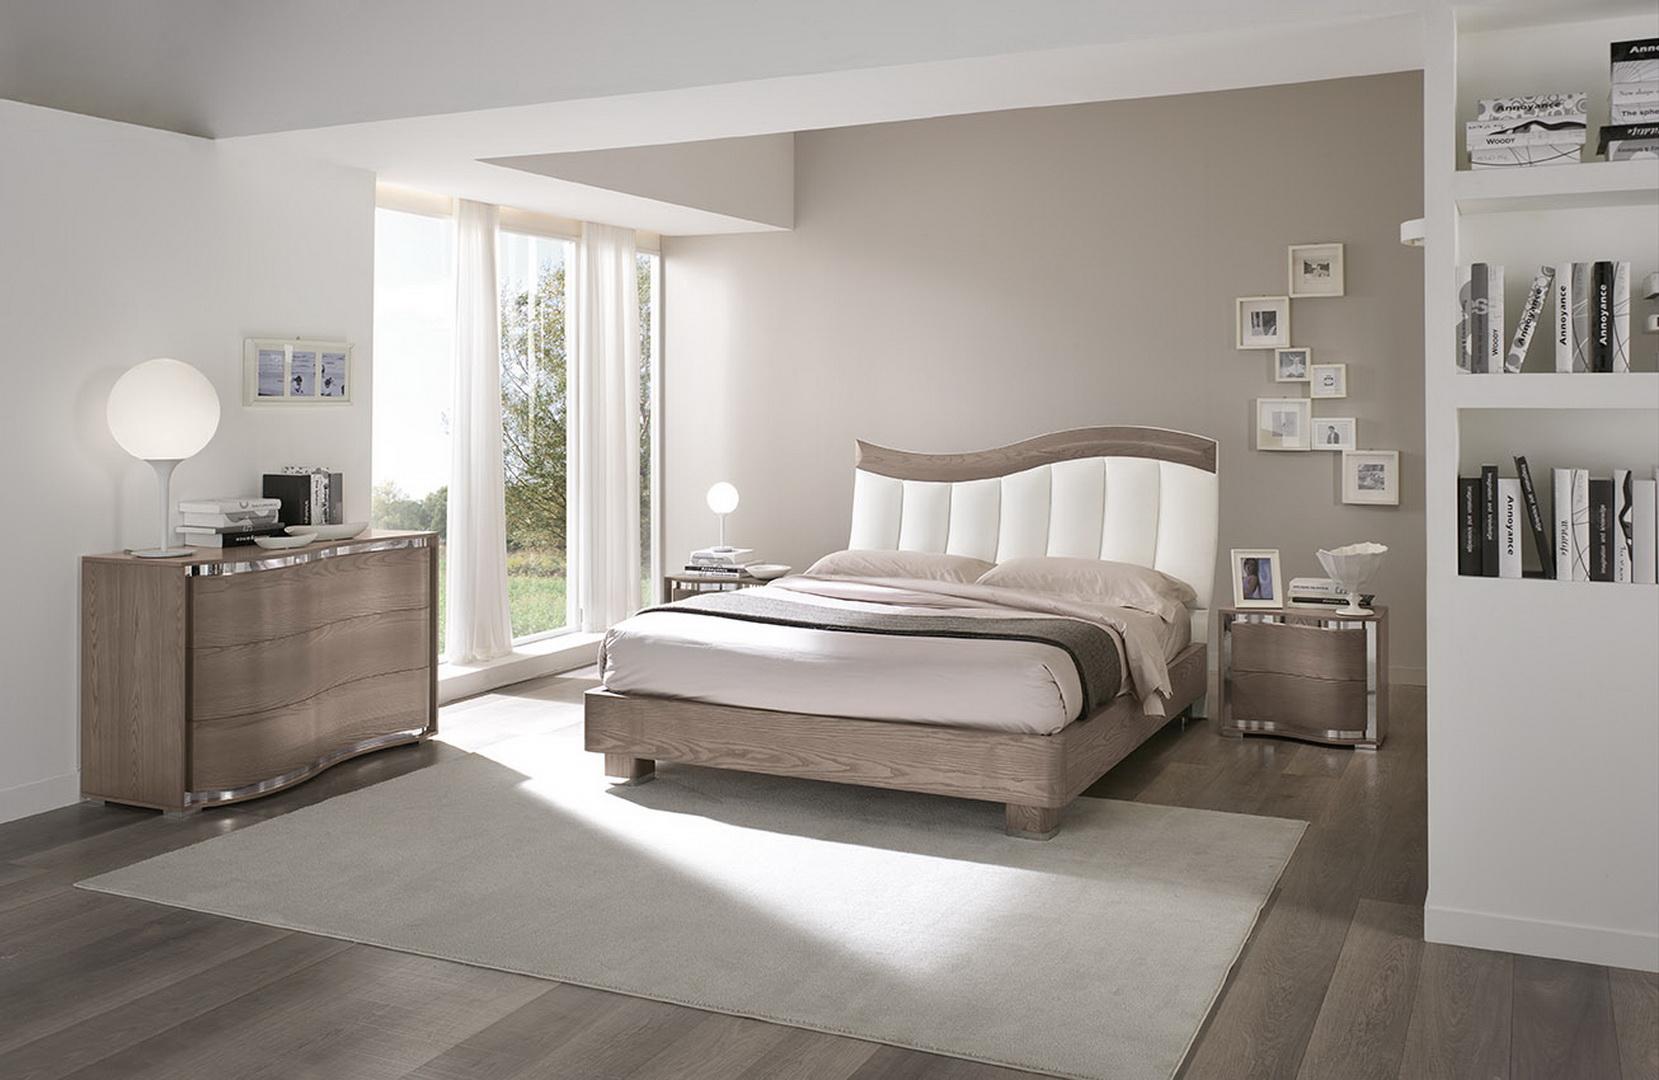 Camera da letto sb10010 c4 home arredamenti cosenza for C4 arredamenti